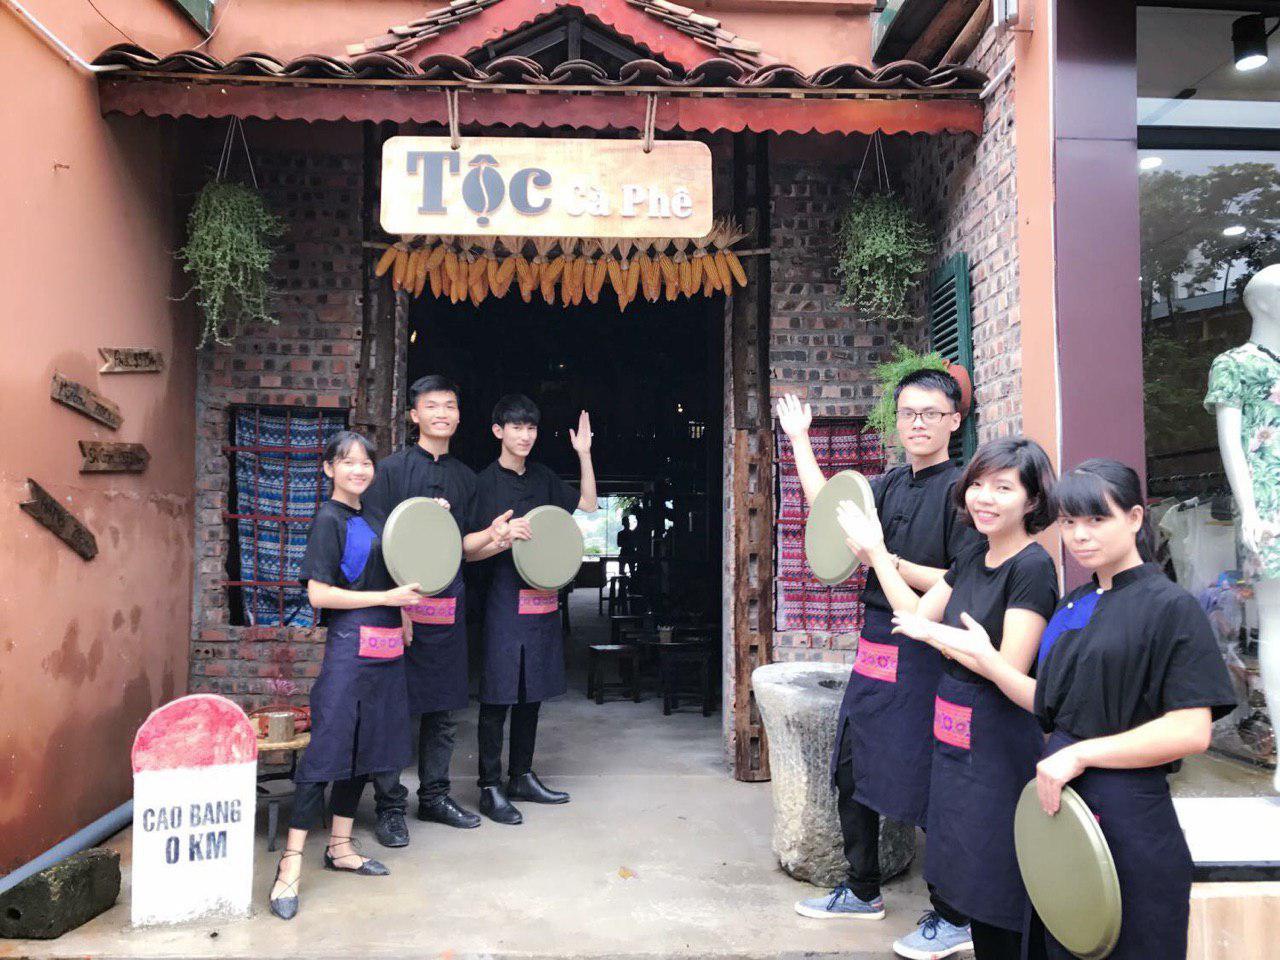 Hồ sơ tư vấn setup quán cà phê Tộc cà phê tại VNBS